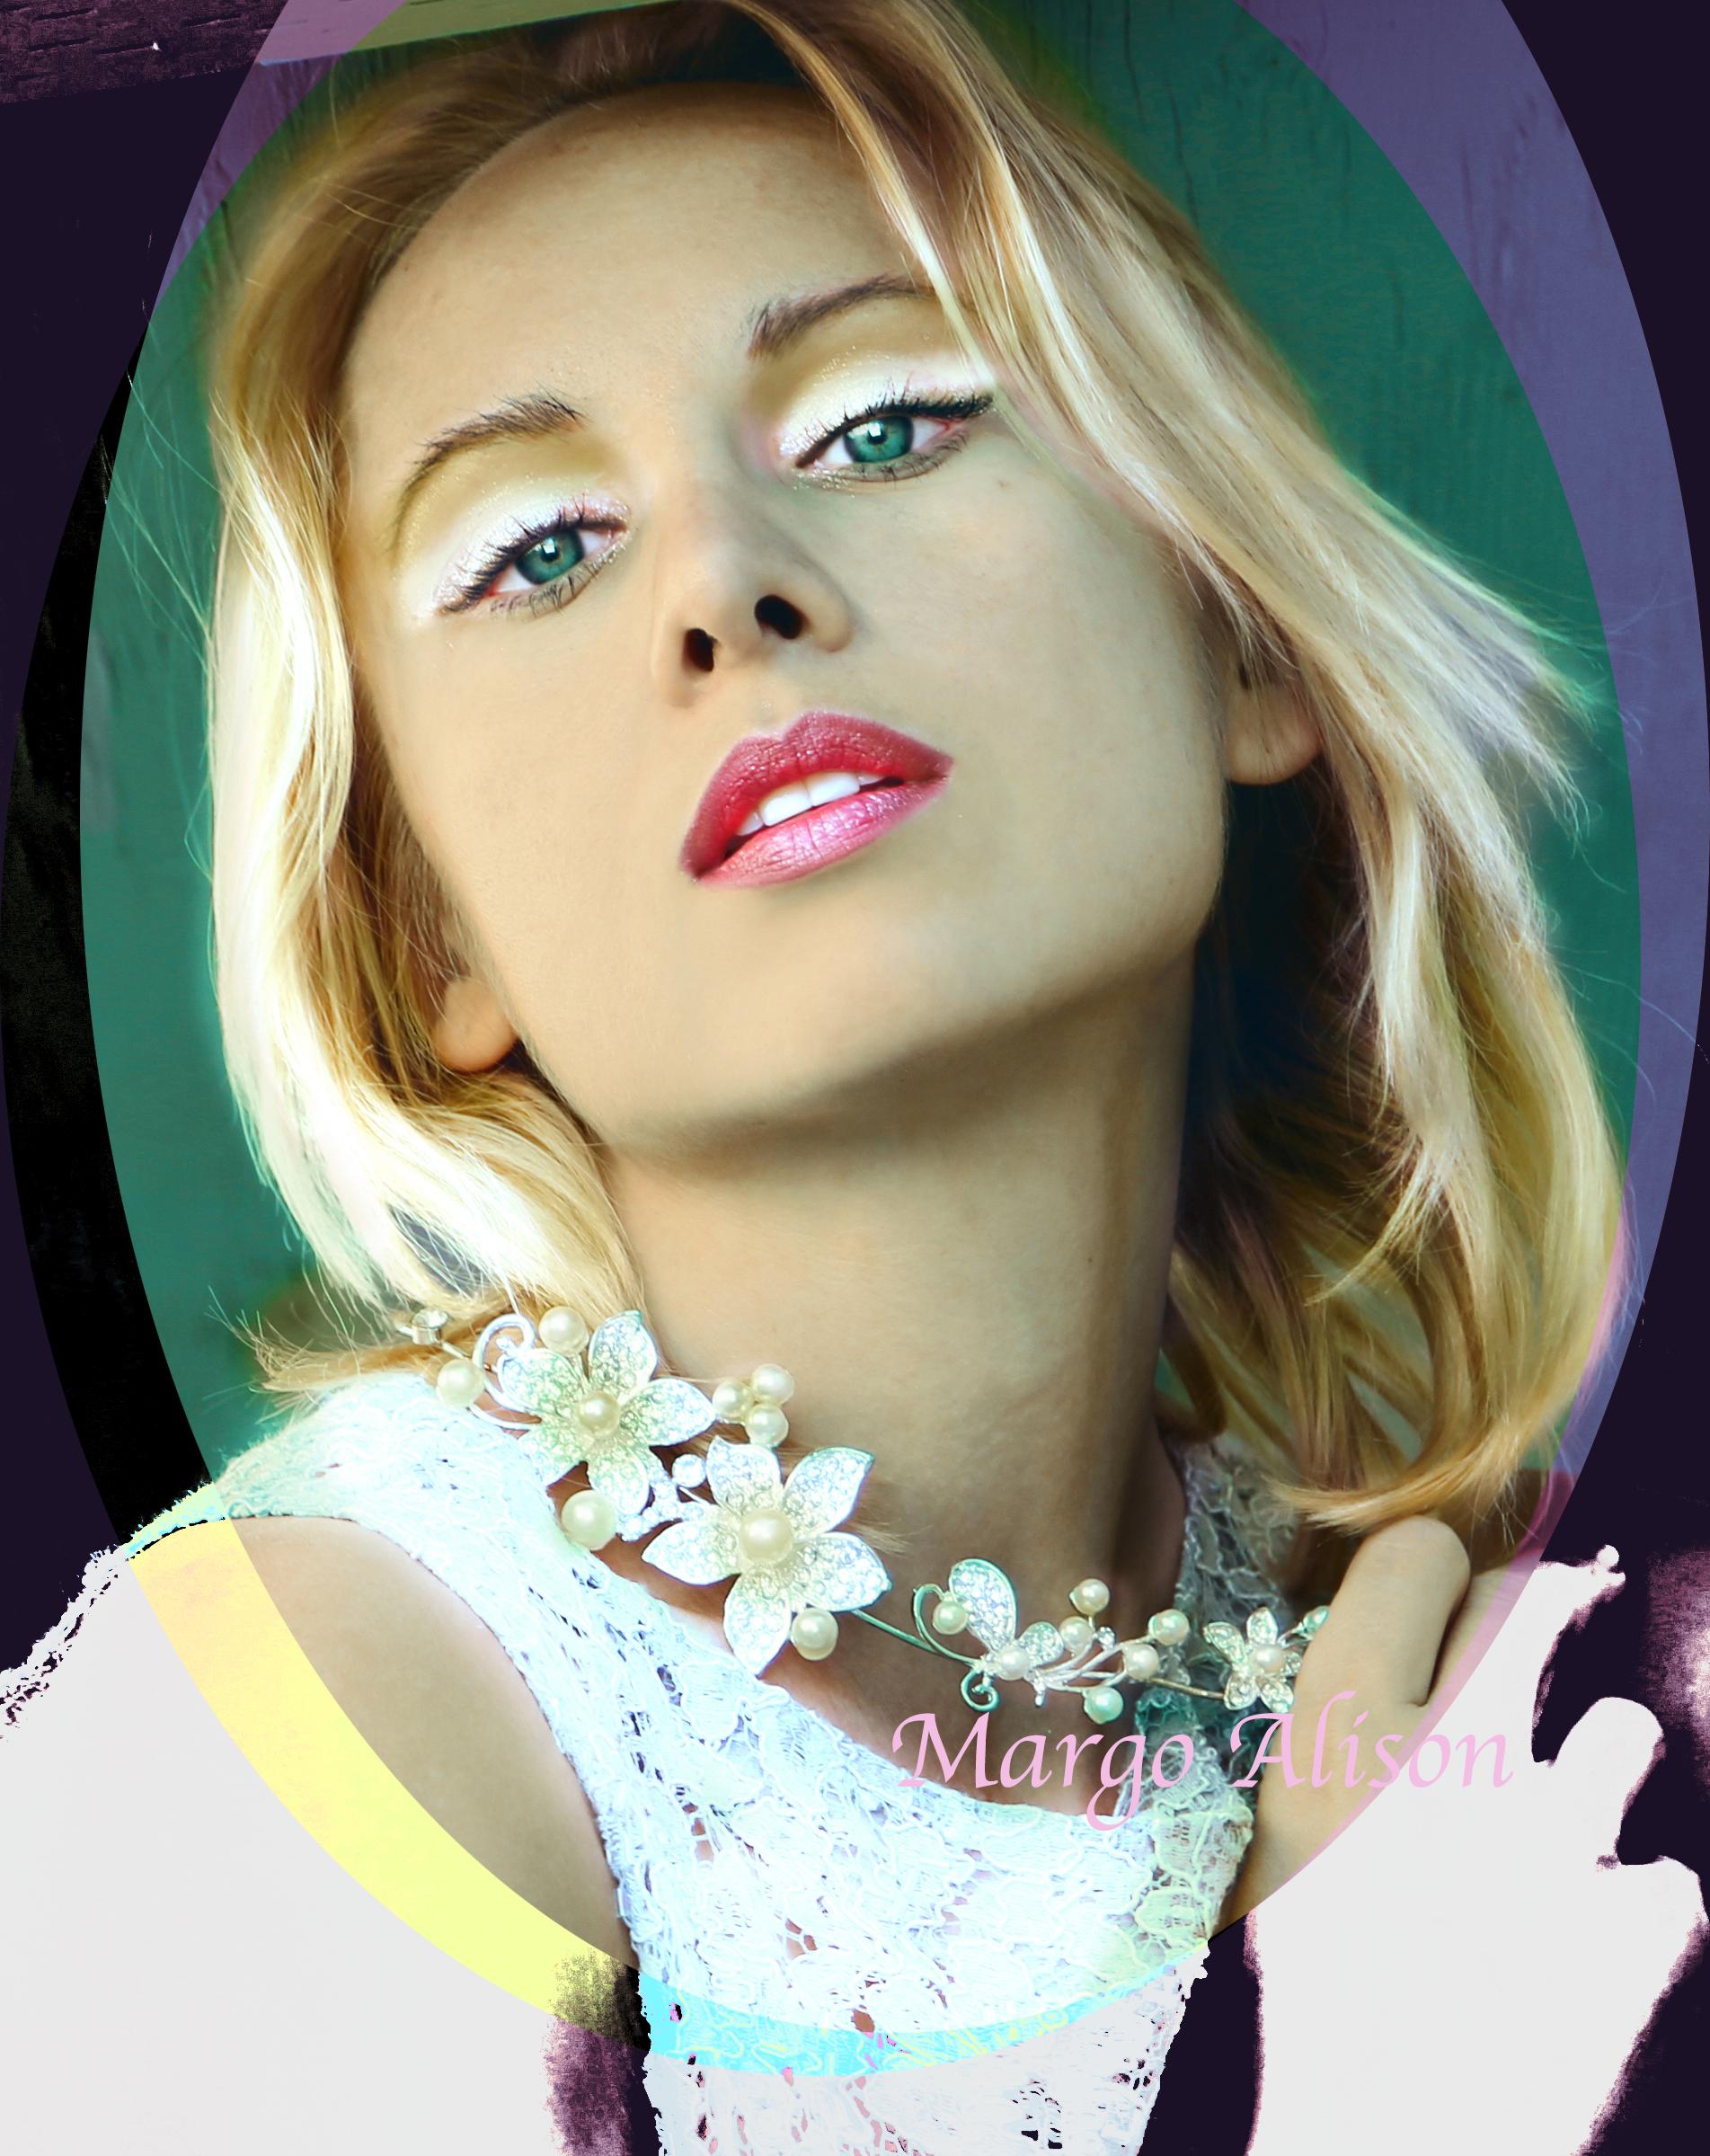 Margo Alison egg2.jpg